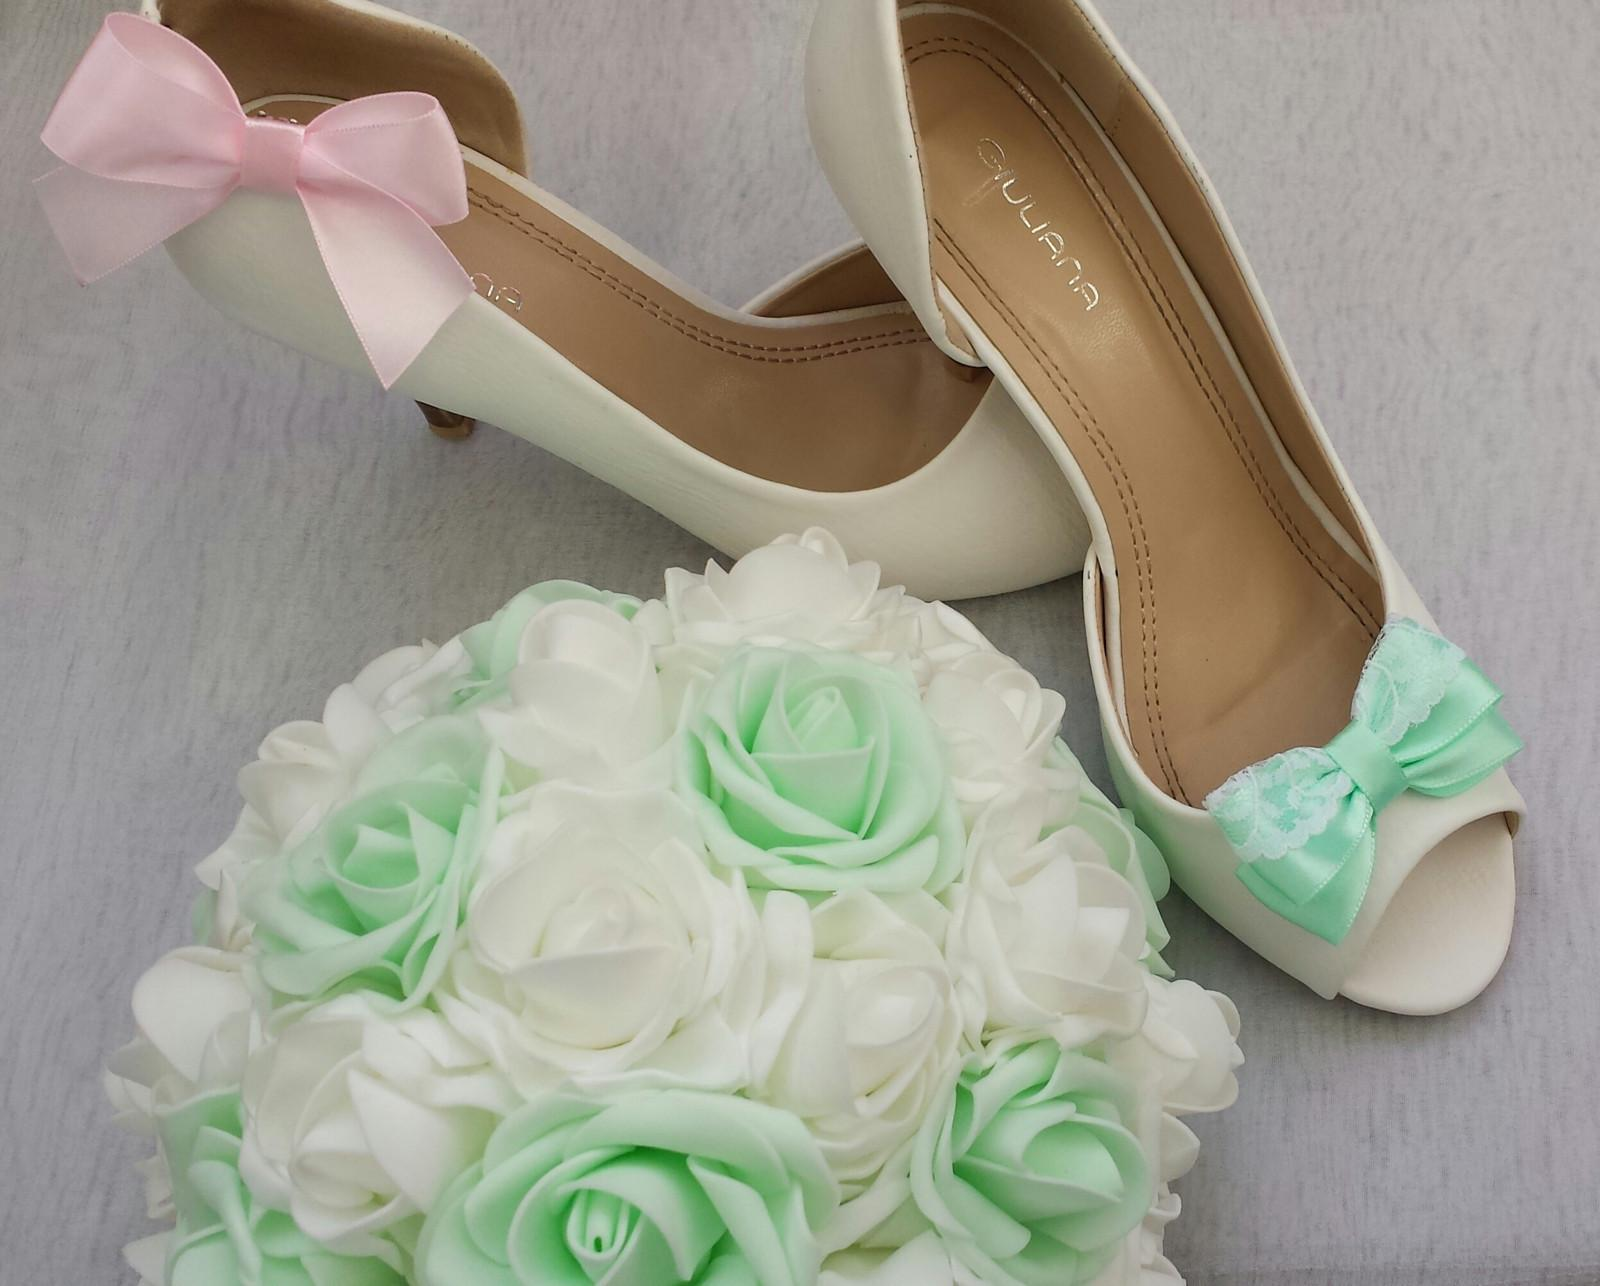 Klipy na boty s krajkou odstín dle přání - Obrázek č. 1